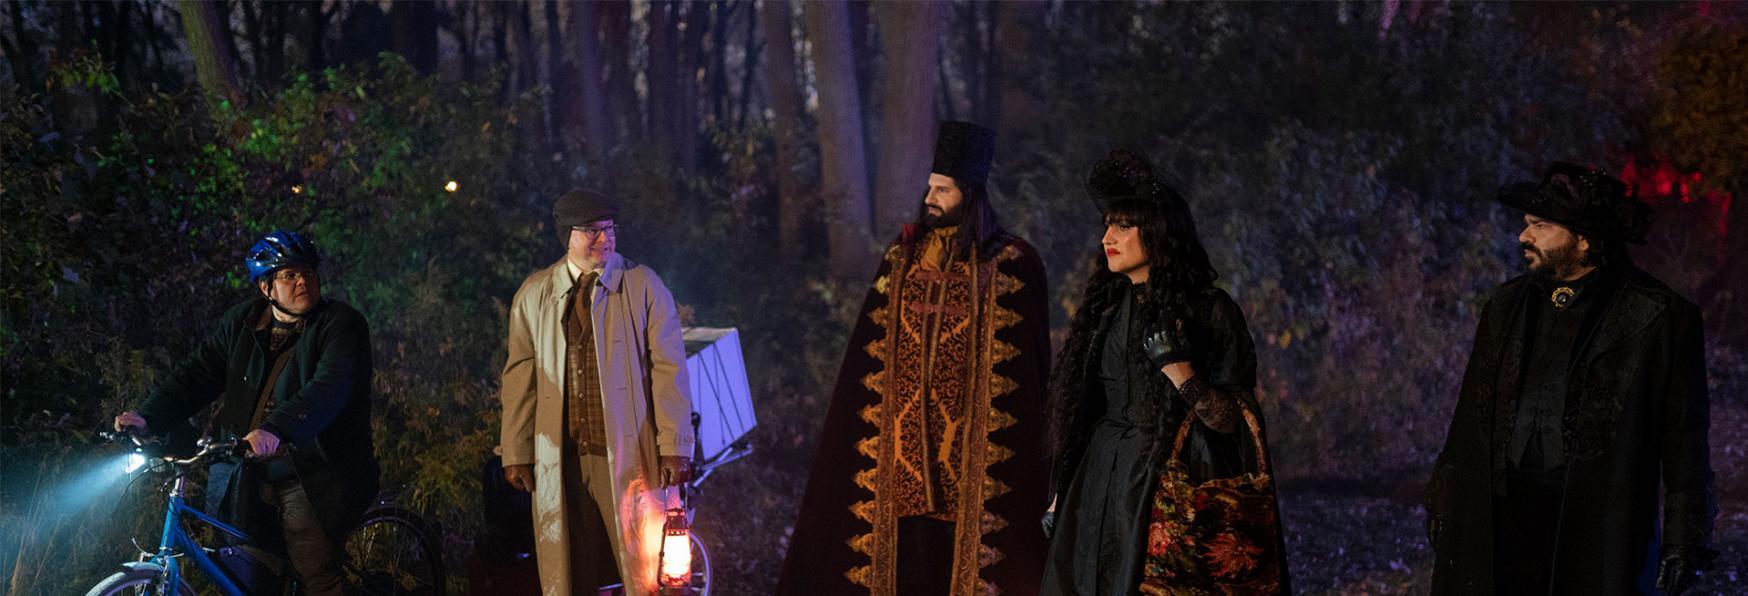 Rinnovata la Serie TV What We Do in the Shadows per una 4° Stagione